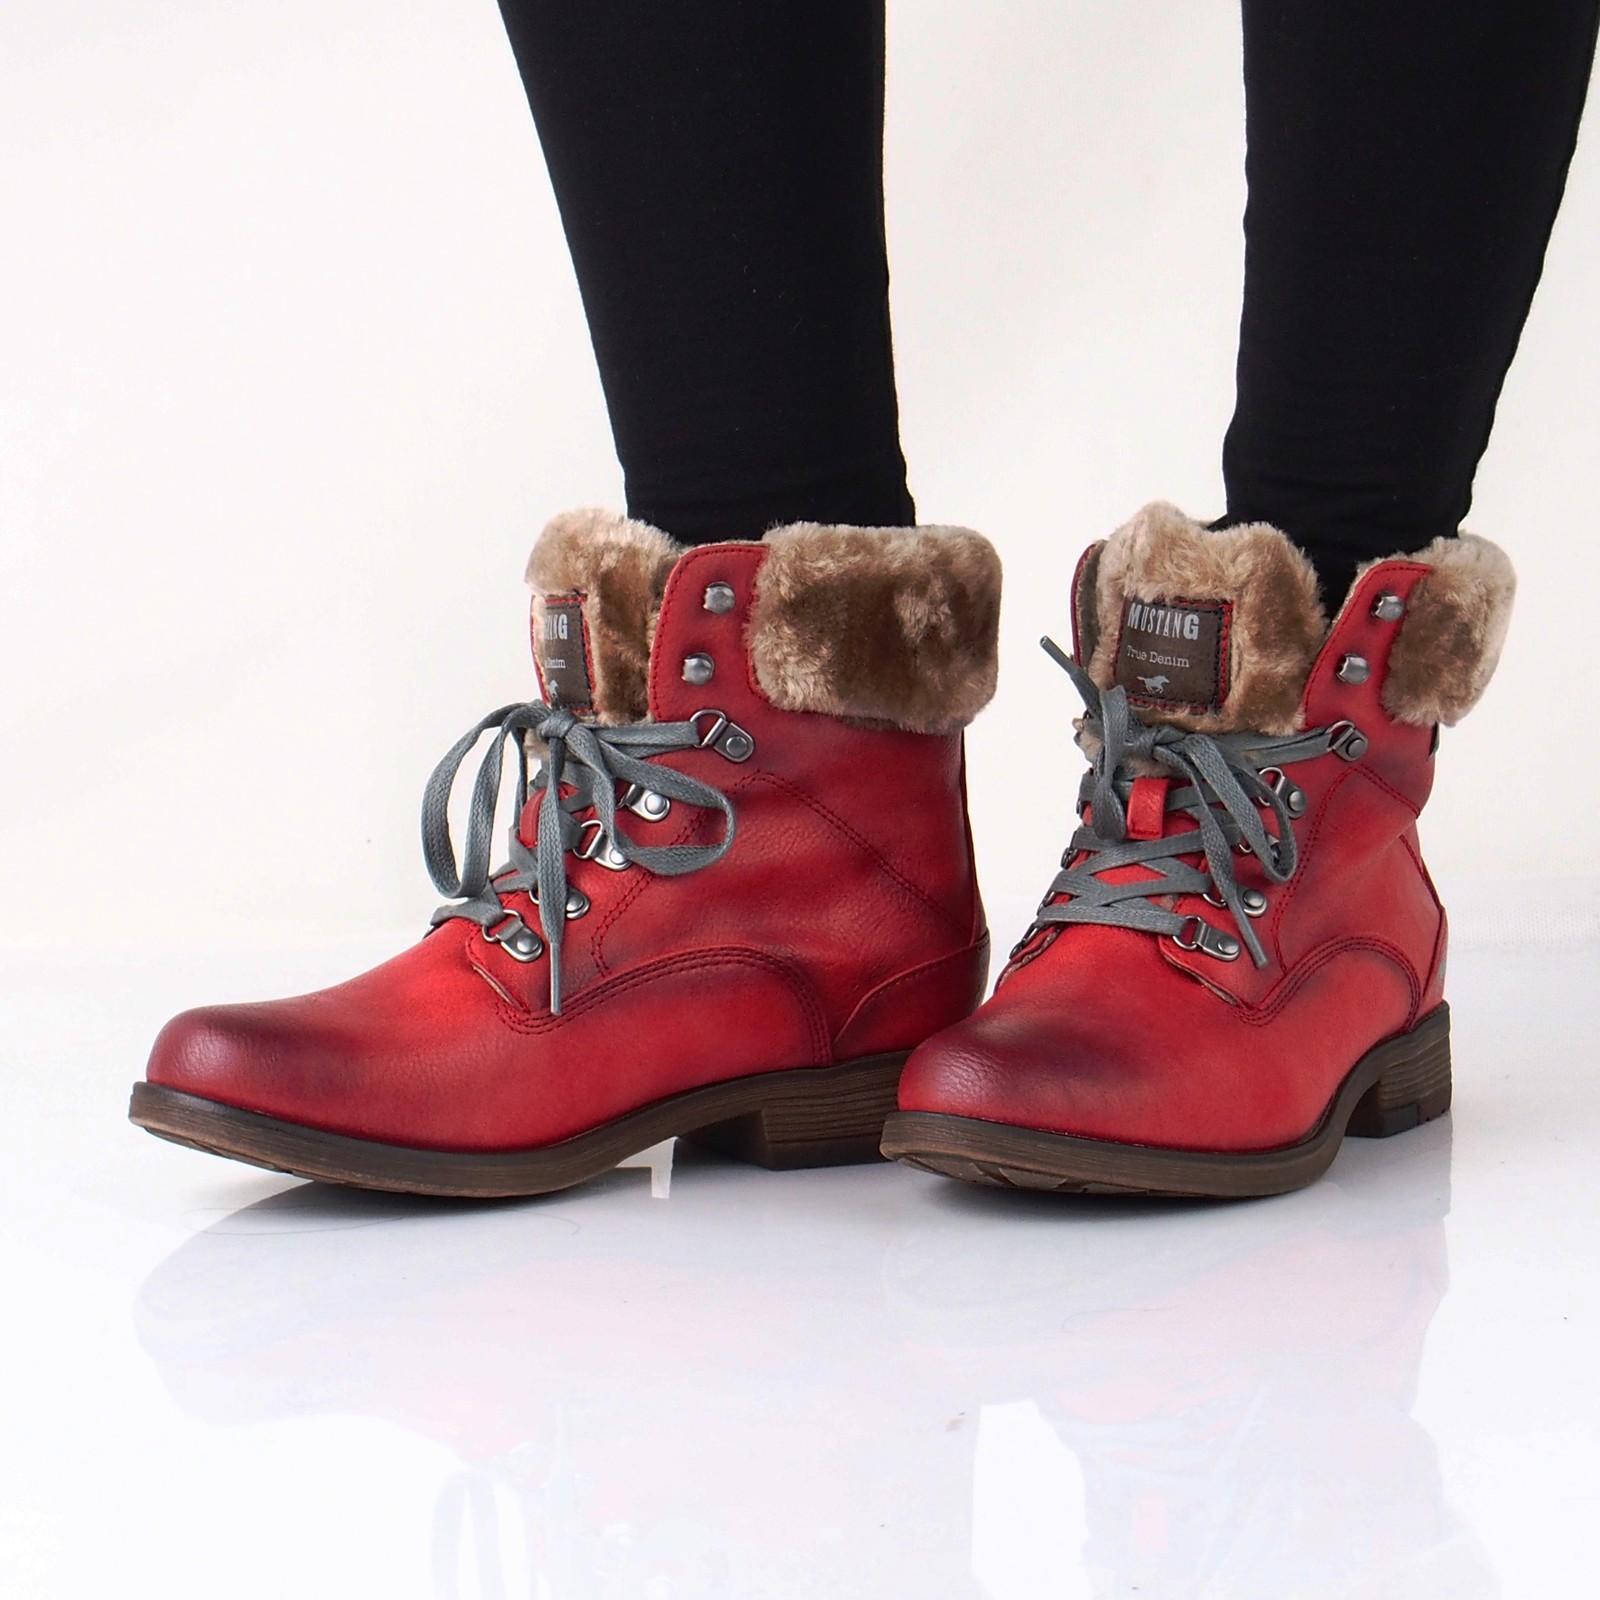 Kotníková obuv. Mustang dámské zateplené kotníkové boty - červené ... 7ff56bc724